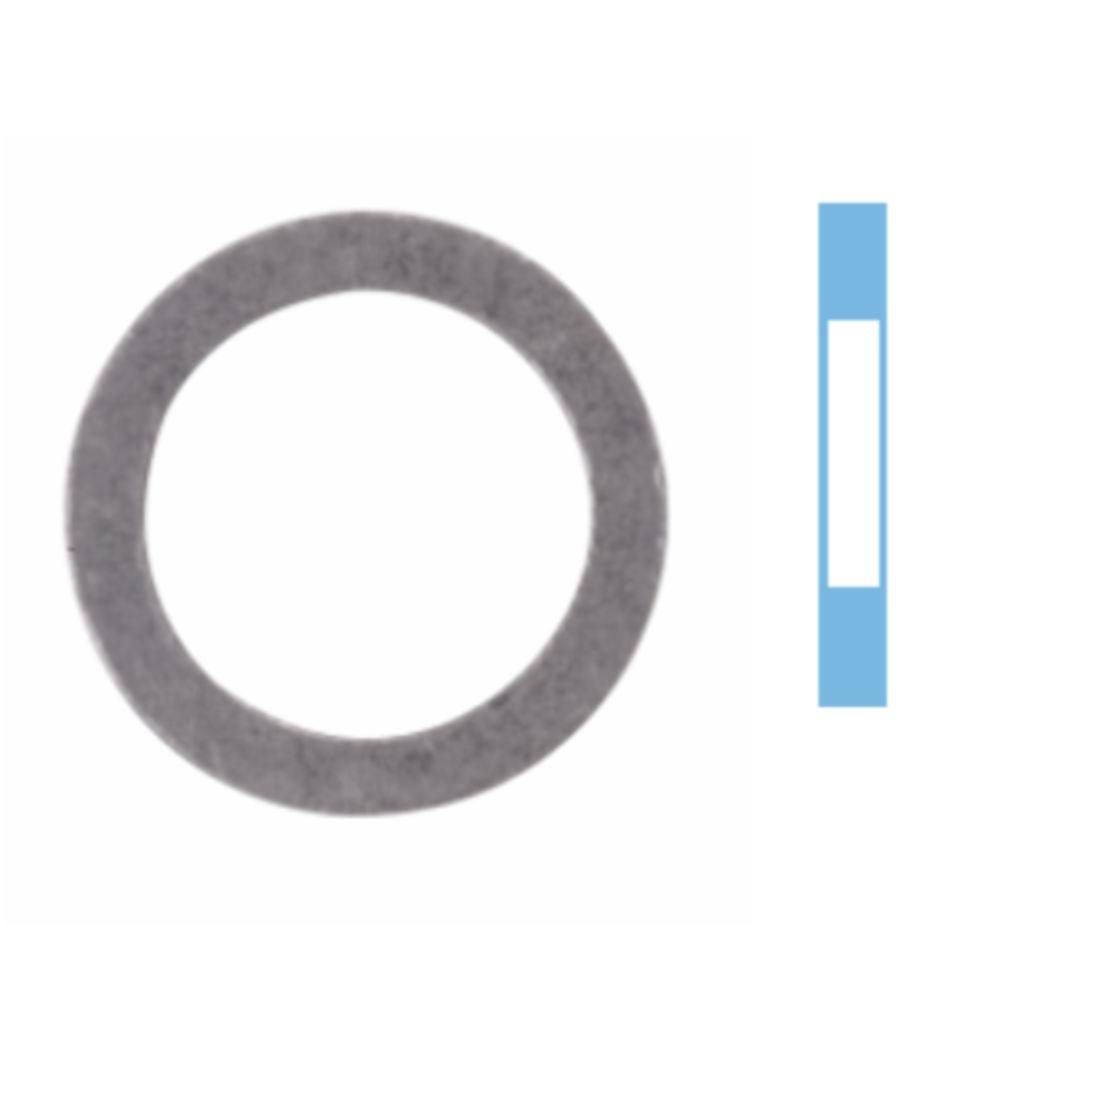 Dichtring, Ölablassschraube -- CORTECO, Innendurchmesser [mm]: 12,3...